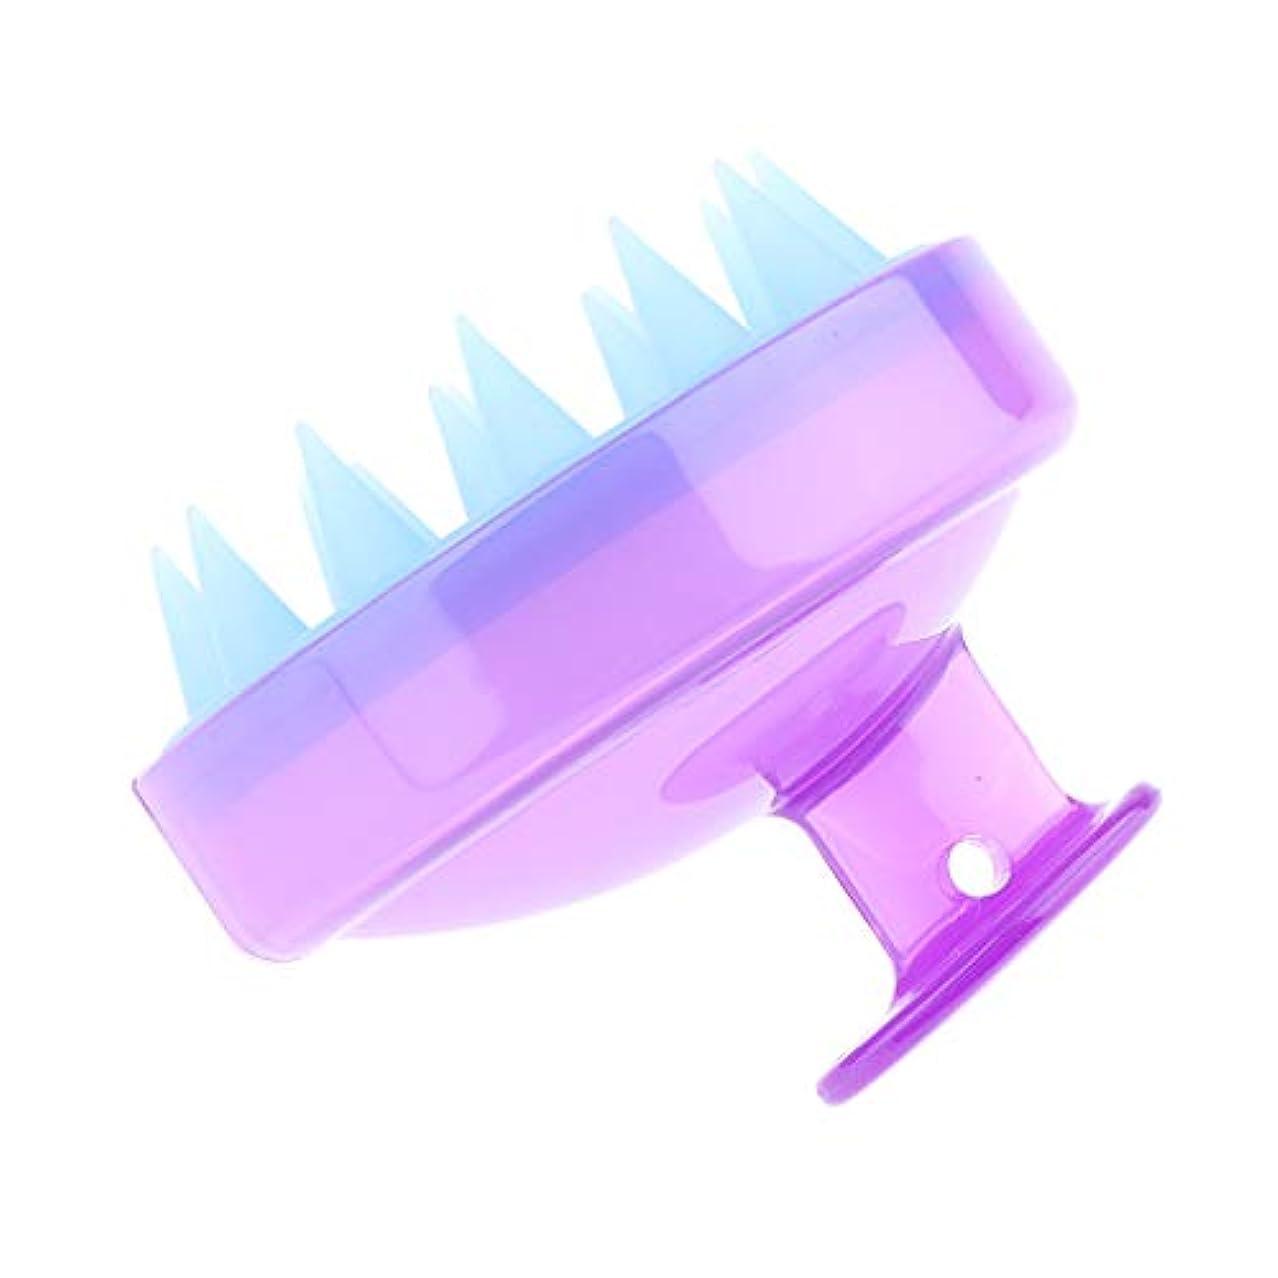 幻想的のれん雲シリコン シャワーシャンプーブラシ マッサージャー 防水 超軽量 多色選べ - クリアパープル